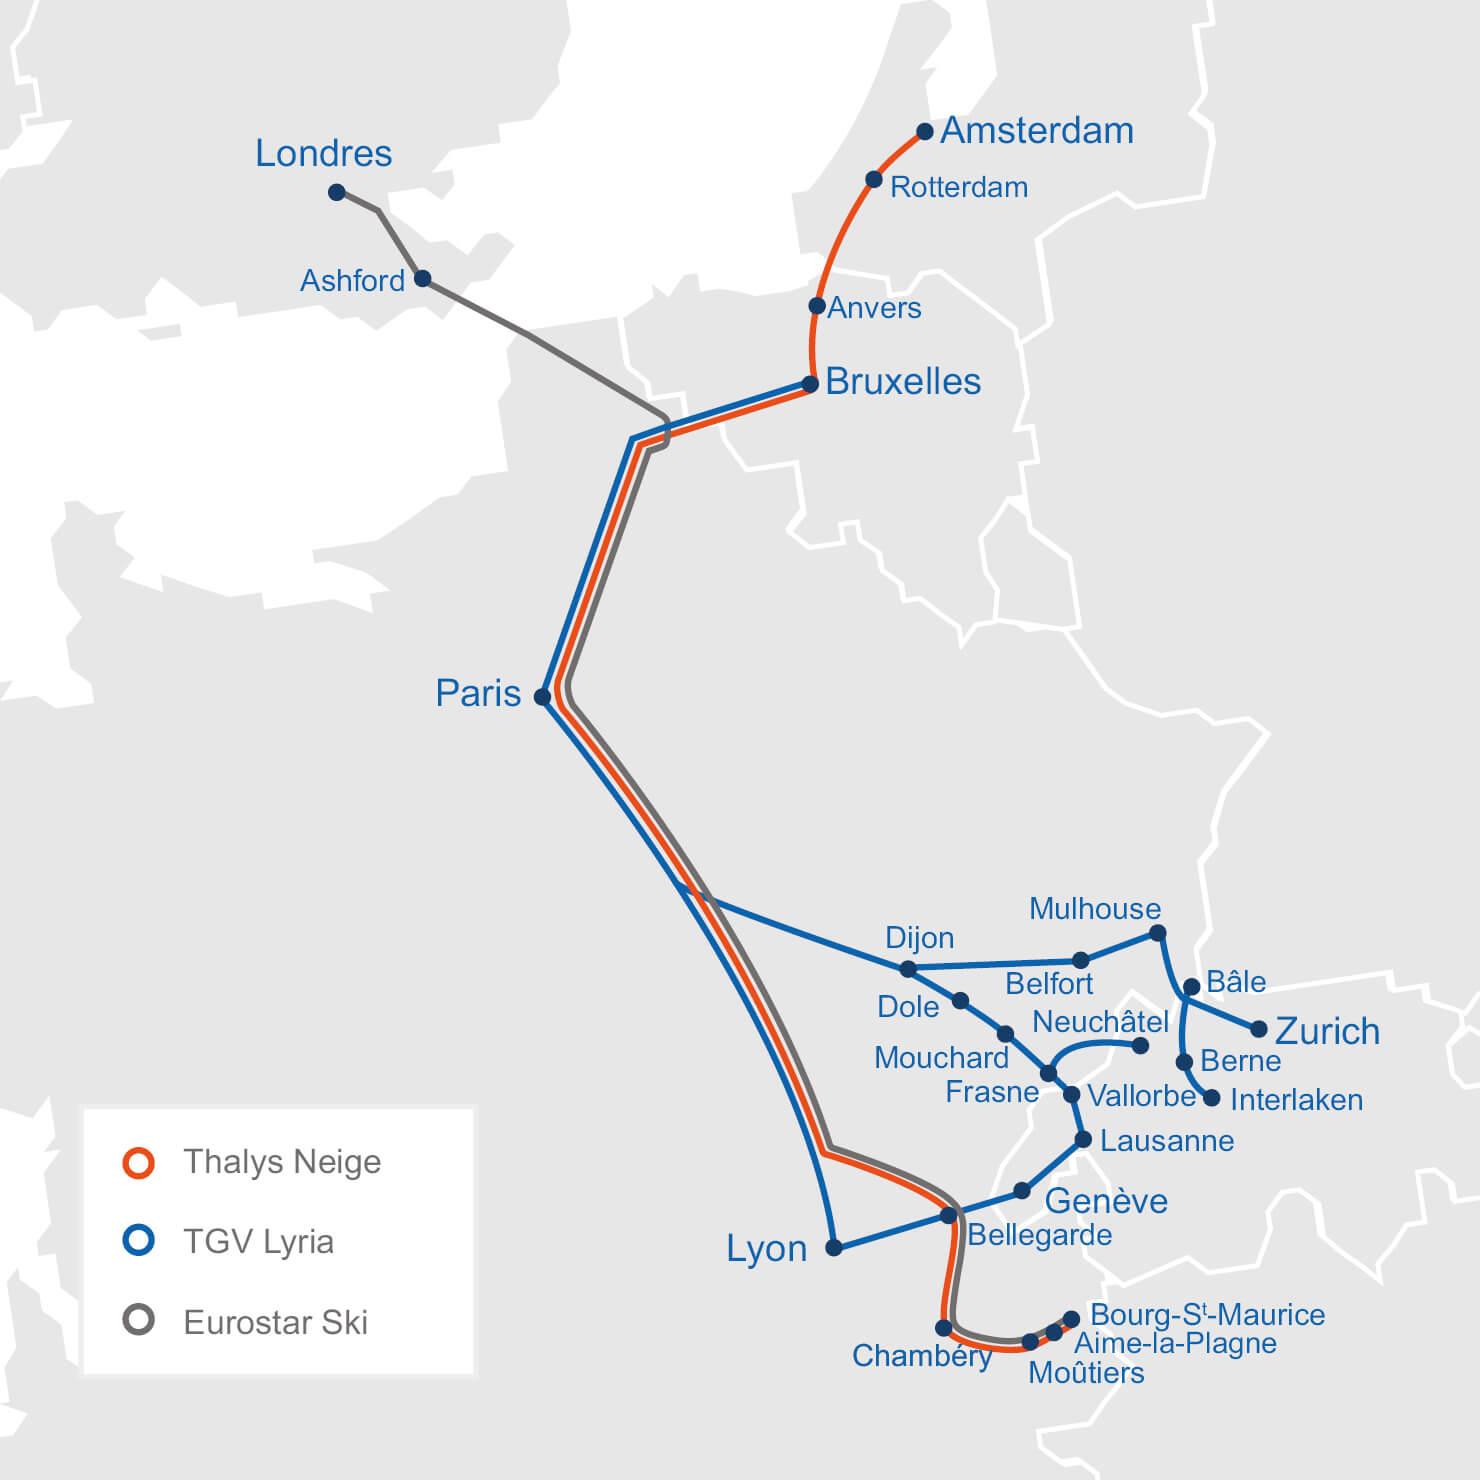 Les destinations desservies par Thalys Neige, Eurostar Ski et TGV Lyria